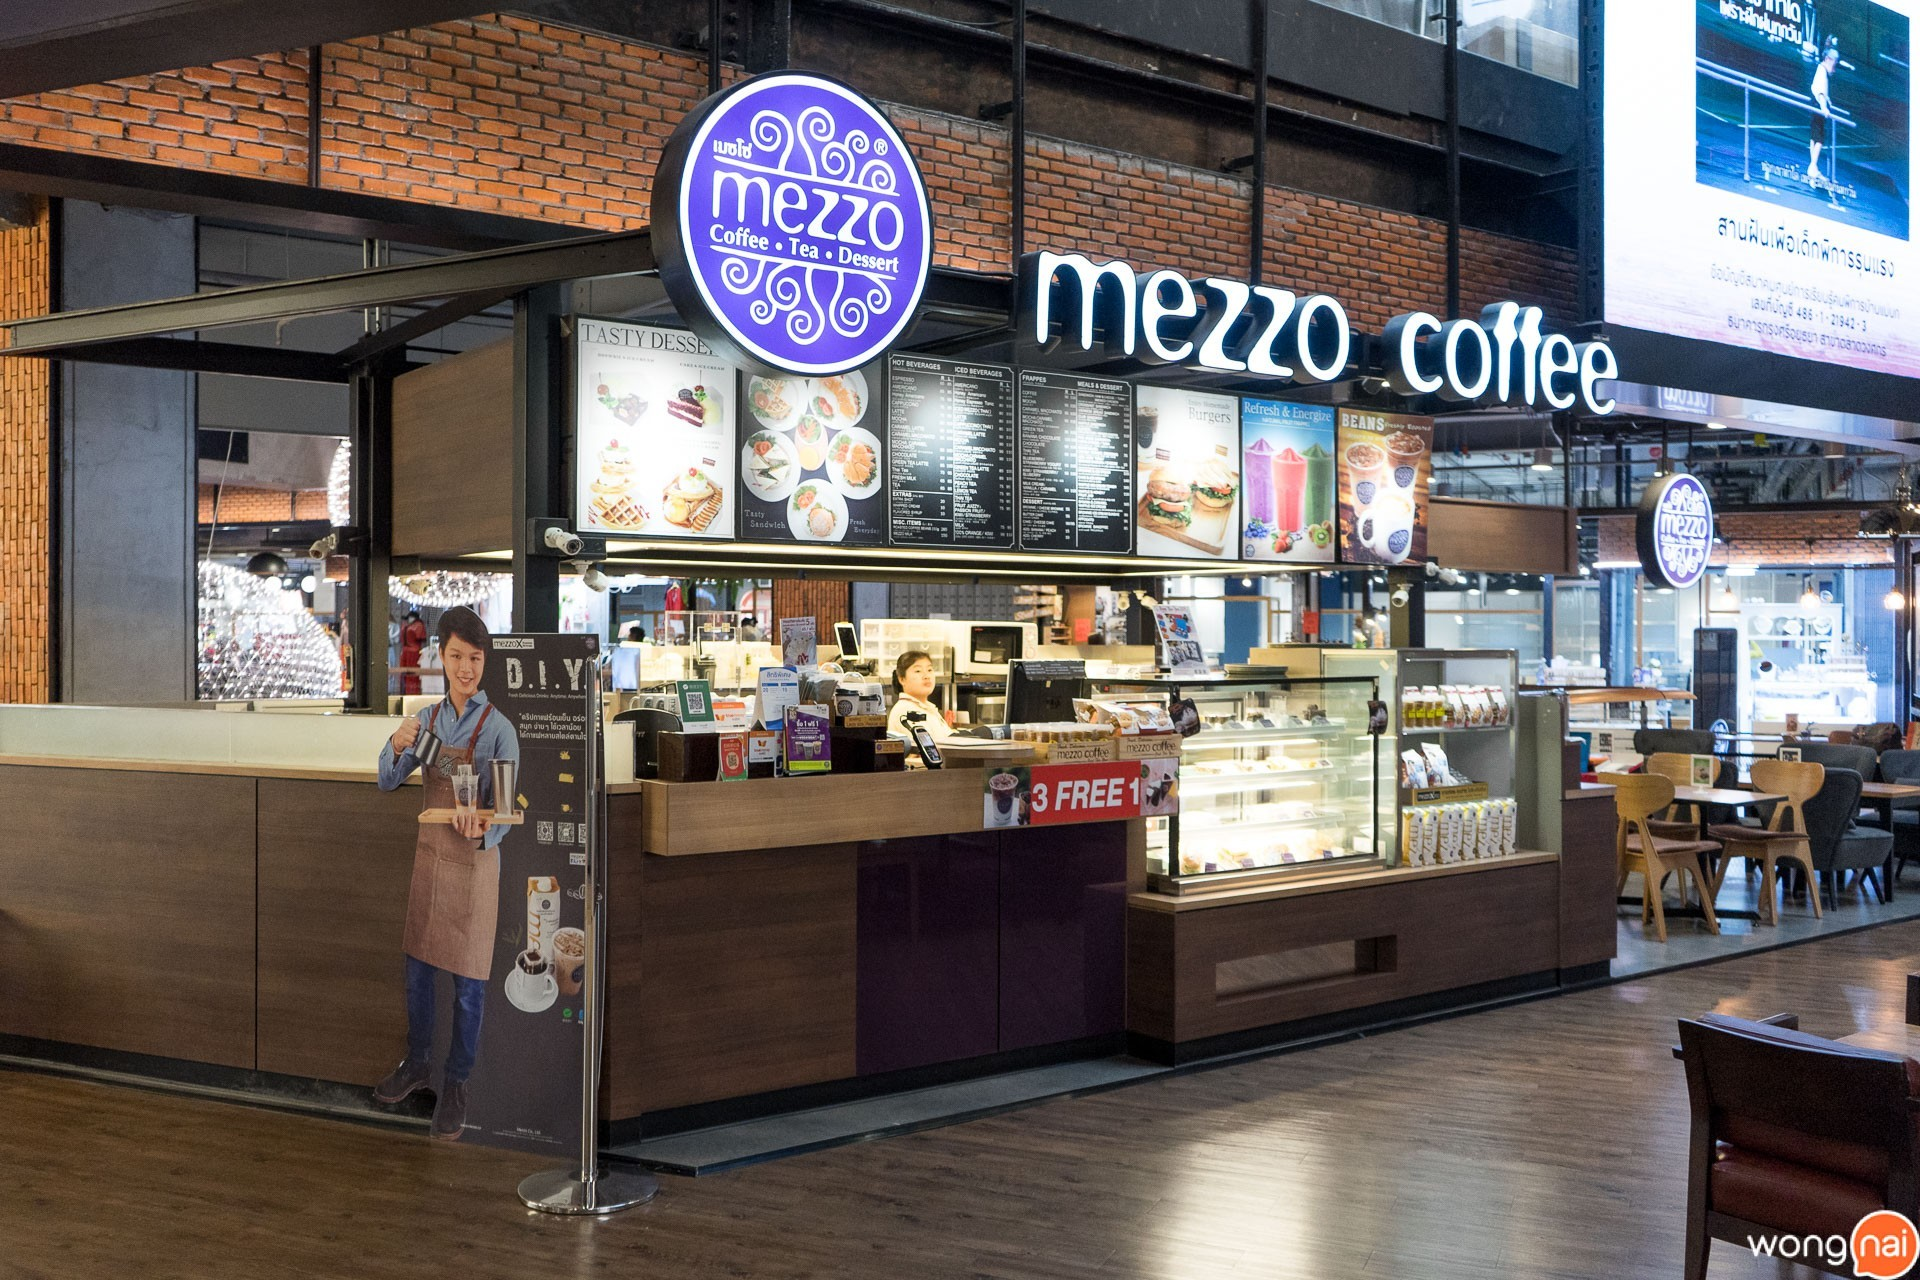 บรรยากาศหน้าร้านของ ร้านกาแฟและเบเกอรี Mezzo Coffee